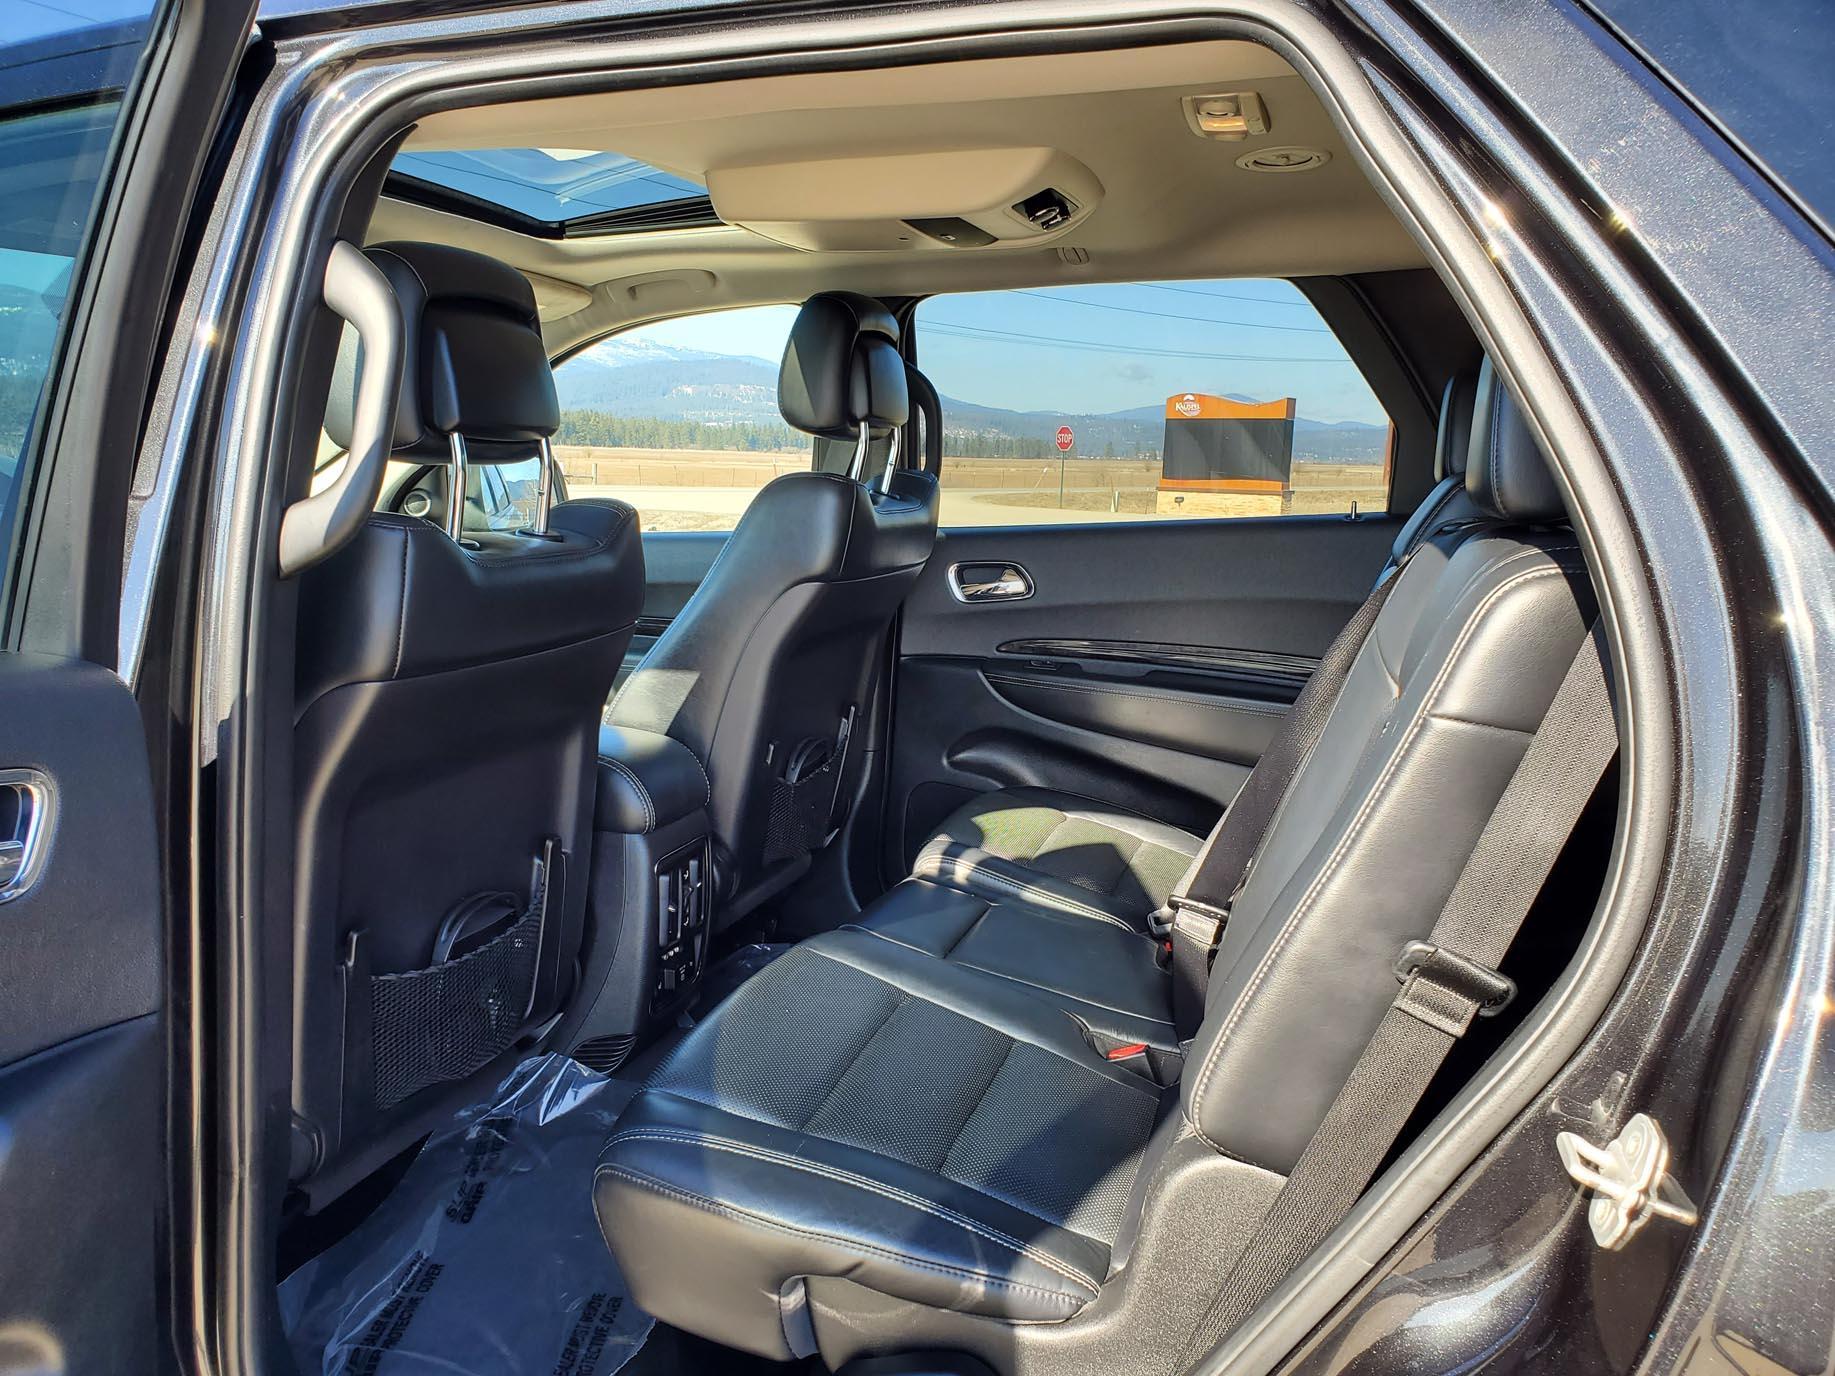 2012 Dodge Durango 8